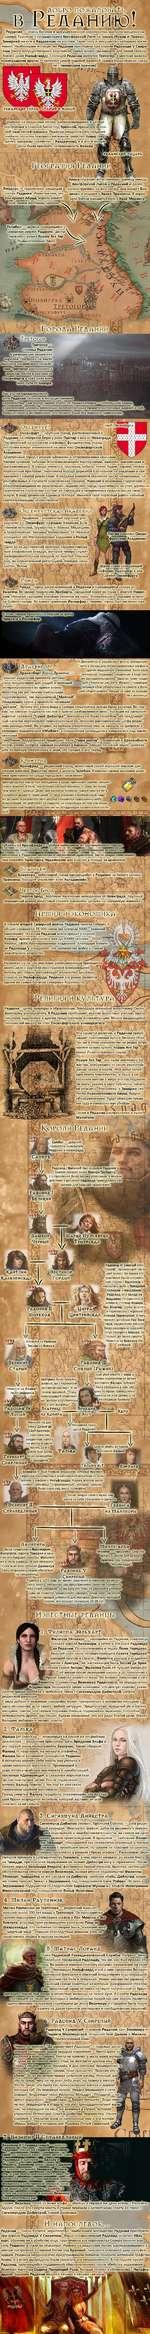 ДОБРО ПОЖАЛОВАТ-I Редания — очень богатое и могущественное королевство, располагающееся на севере. Граничит с государствами Хенгфорской Лиги на севере (Ковир и Повисс), Темерией на юге и Каэдвеном на востоке. Свою силу и могущество набирало посте-пенно. Наибольшее могущество Редания приобрела при